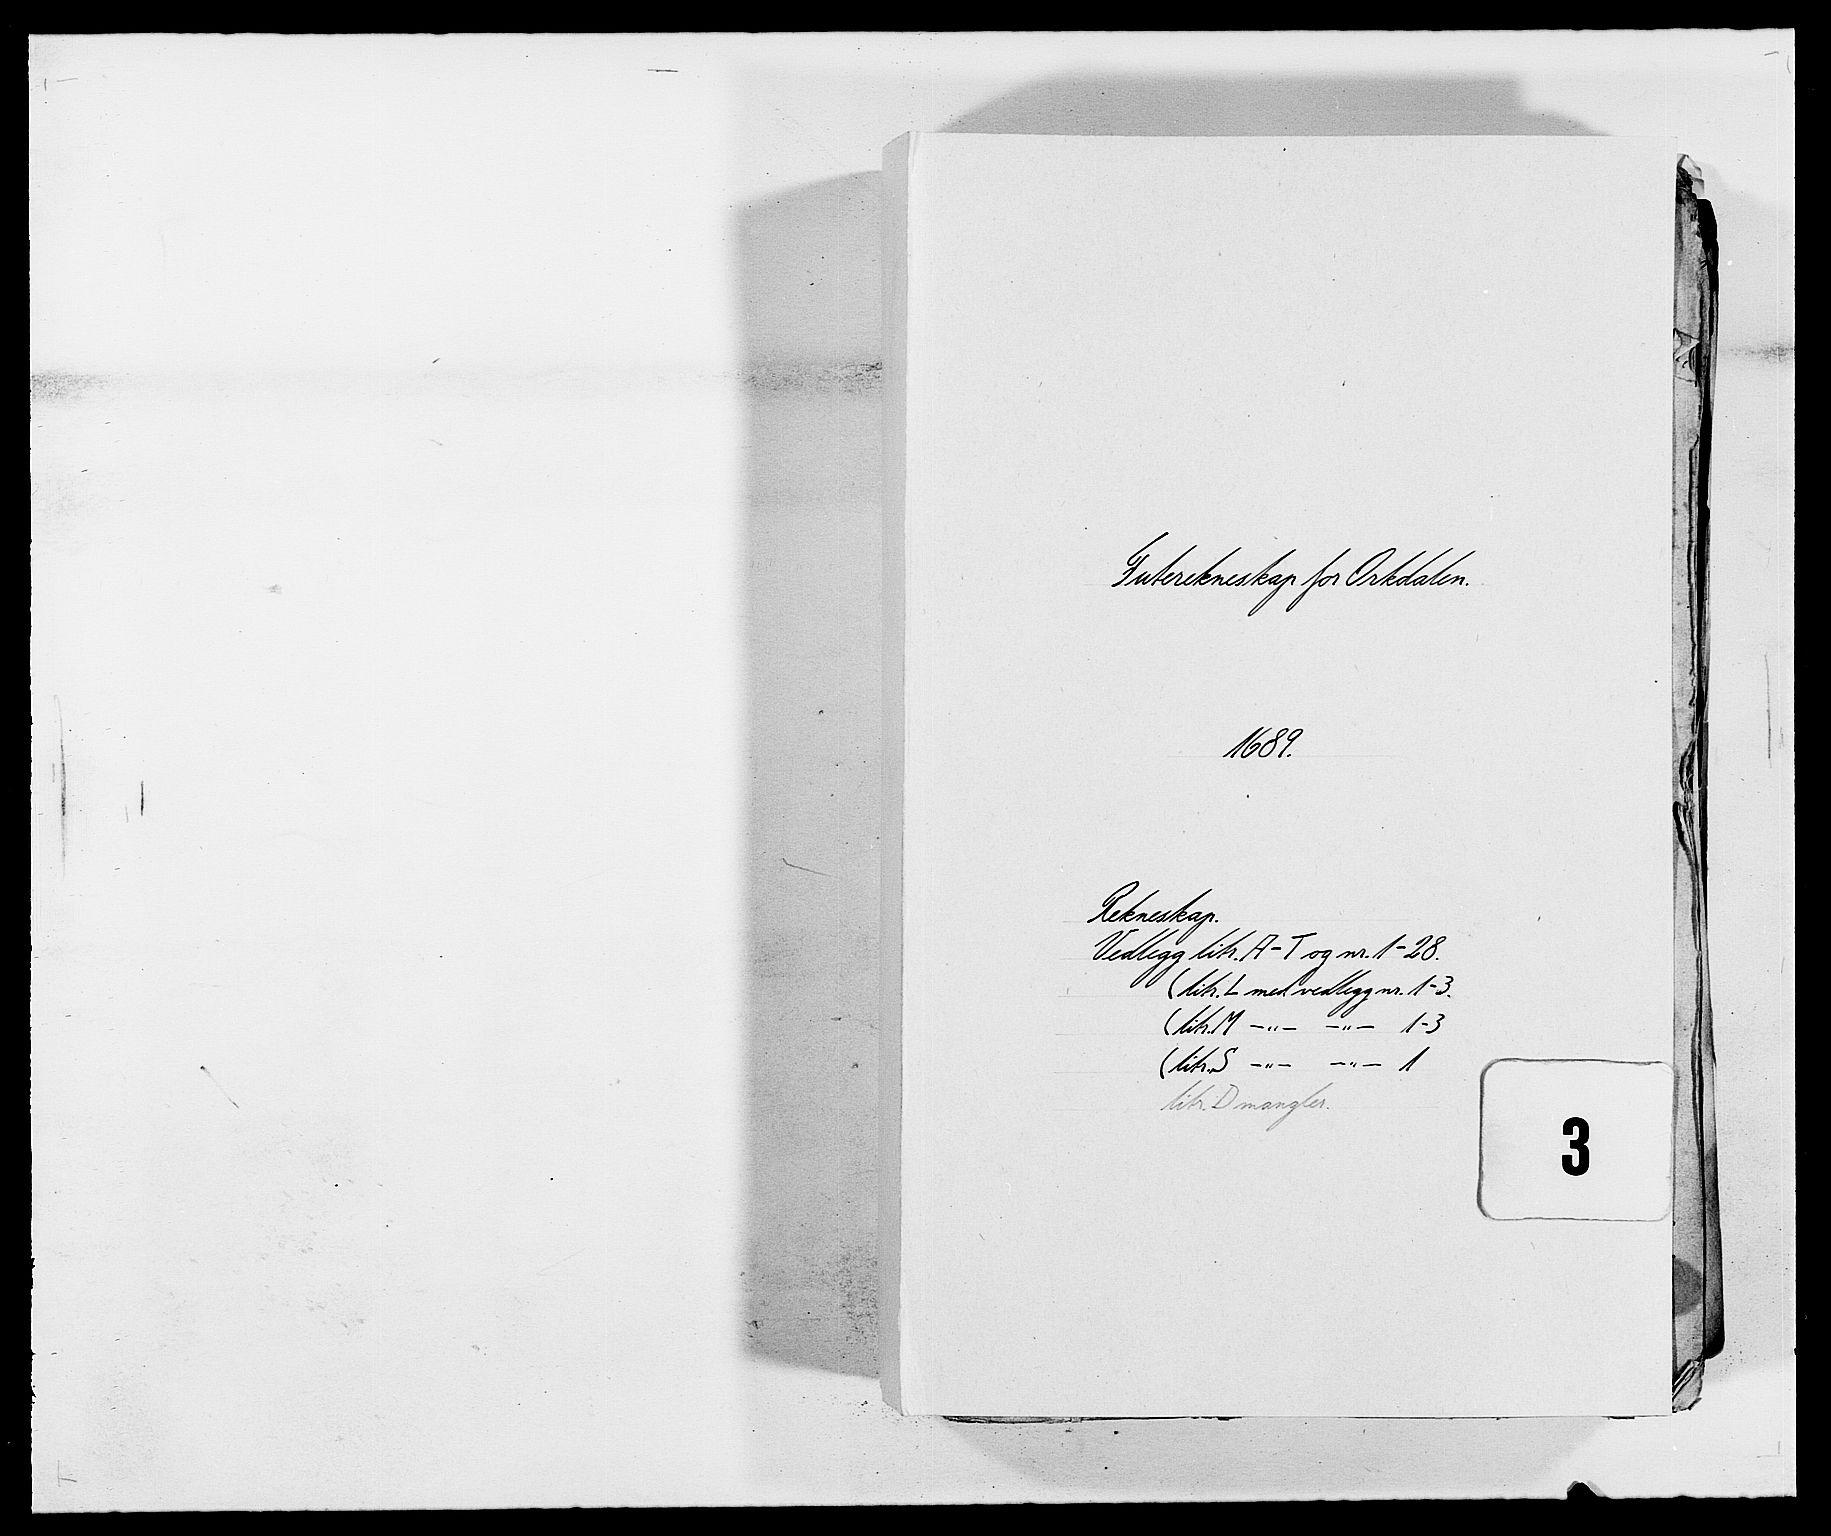 RA, Rentekammeret inntil 1814, Reviderte regnskaper, Fogderegnskap, R58/L3936: Fogderegnskap Orkdal, 1689-1690, s. 1